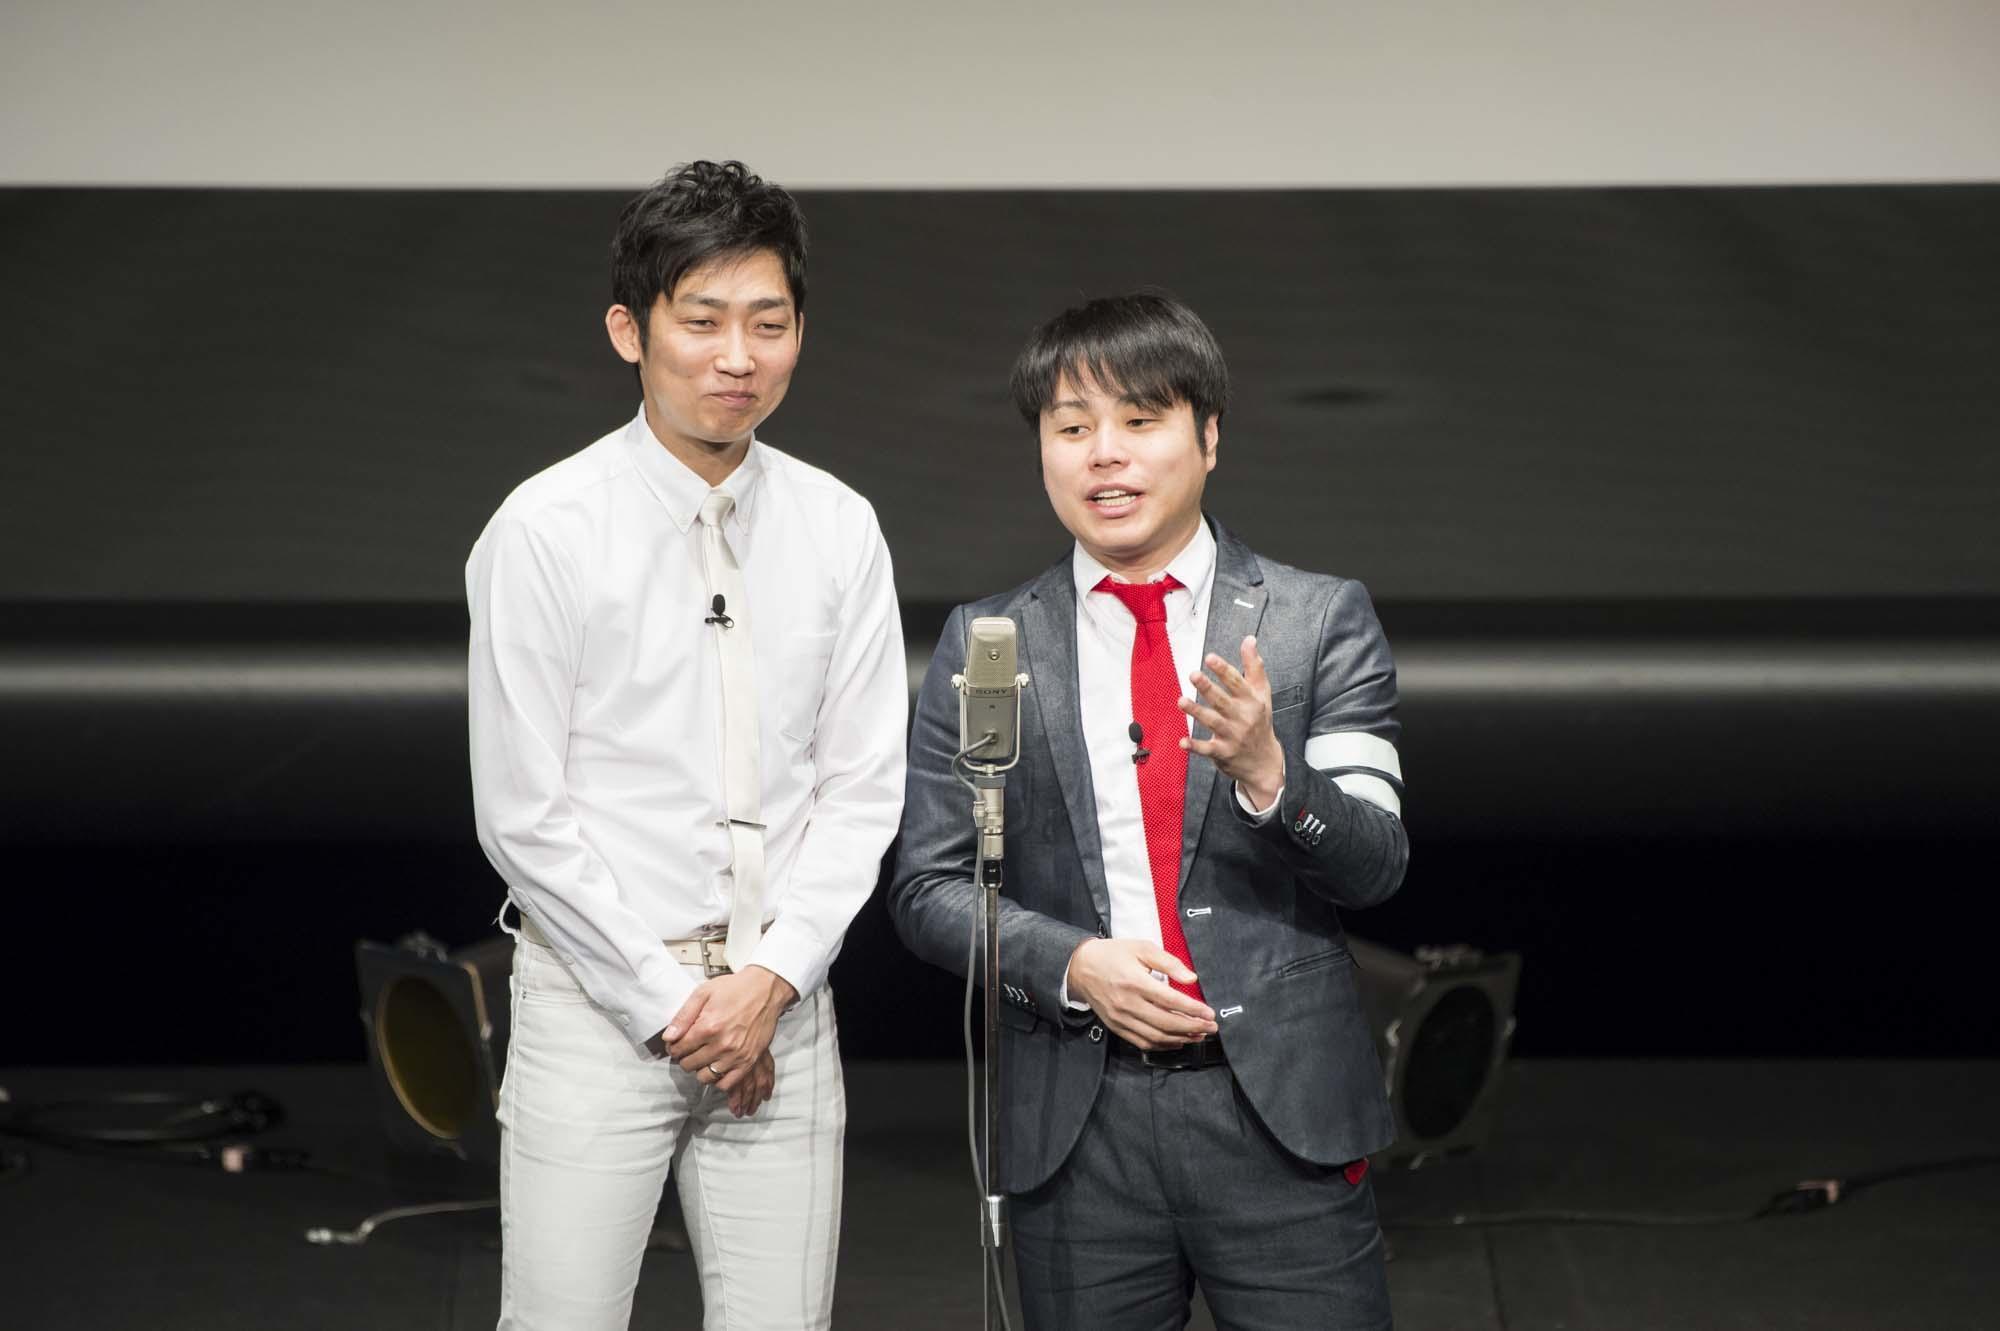 http://news.yoshimoto.co.jp/20171110182958-c438c2eab08b160544fd2049ad7714ea3c1538f7.jpg